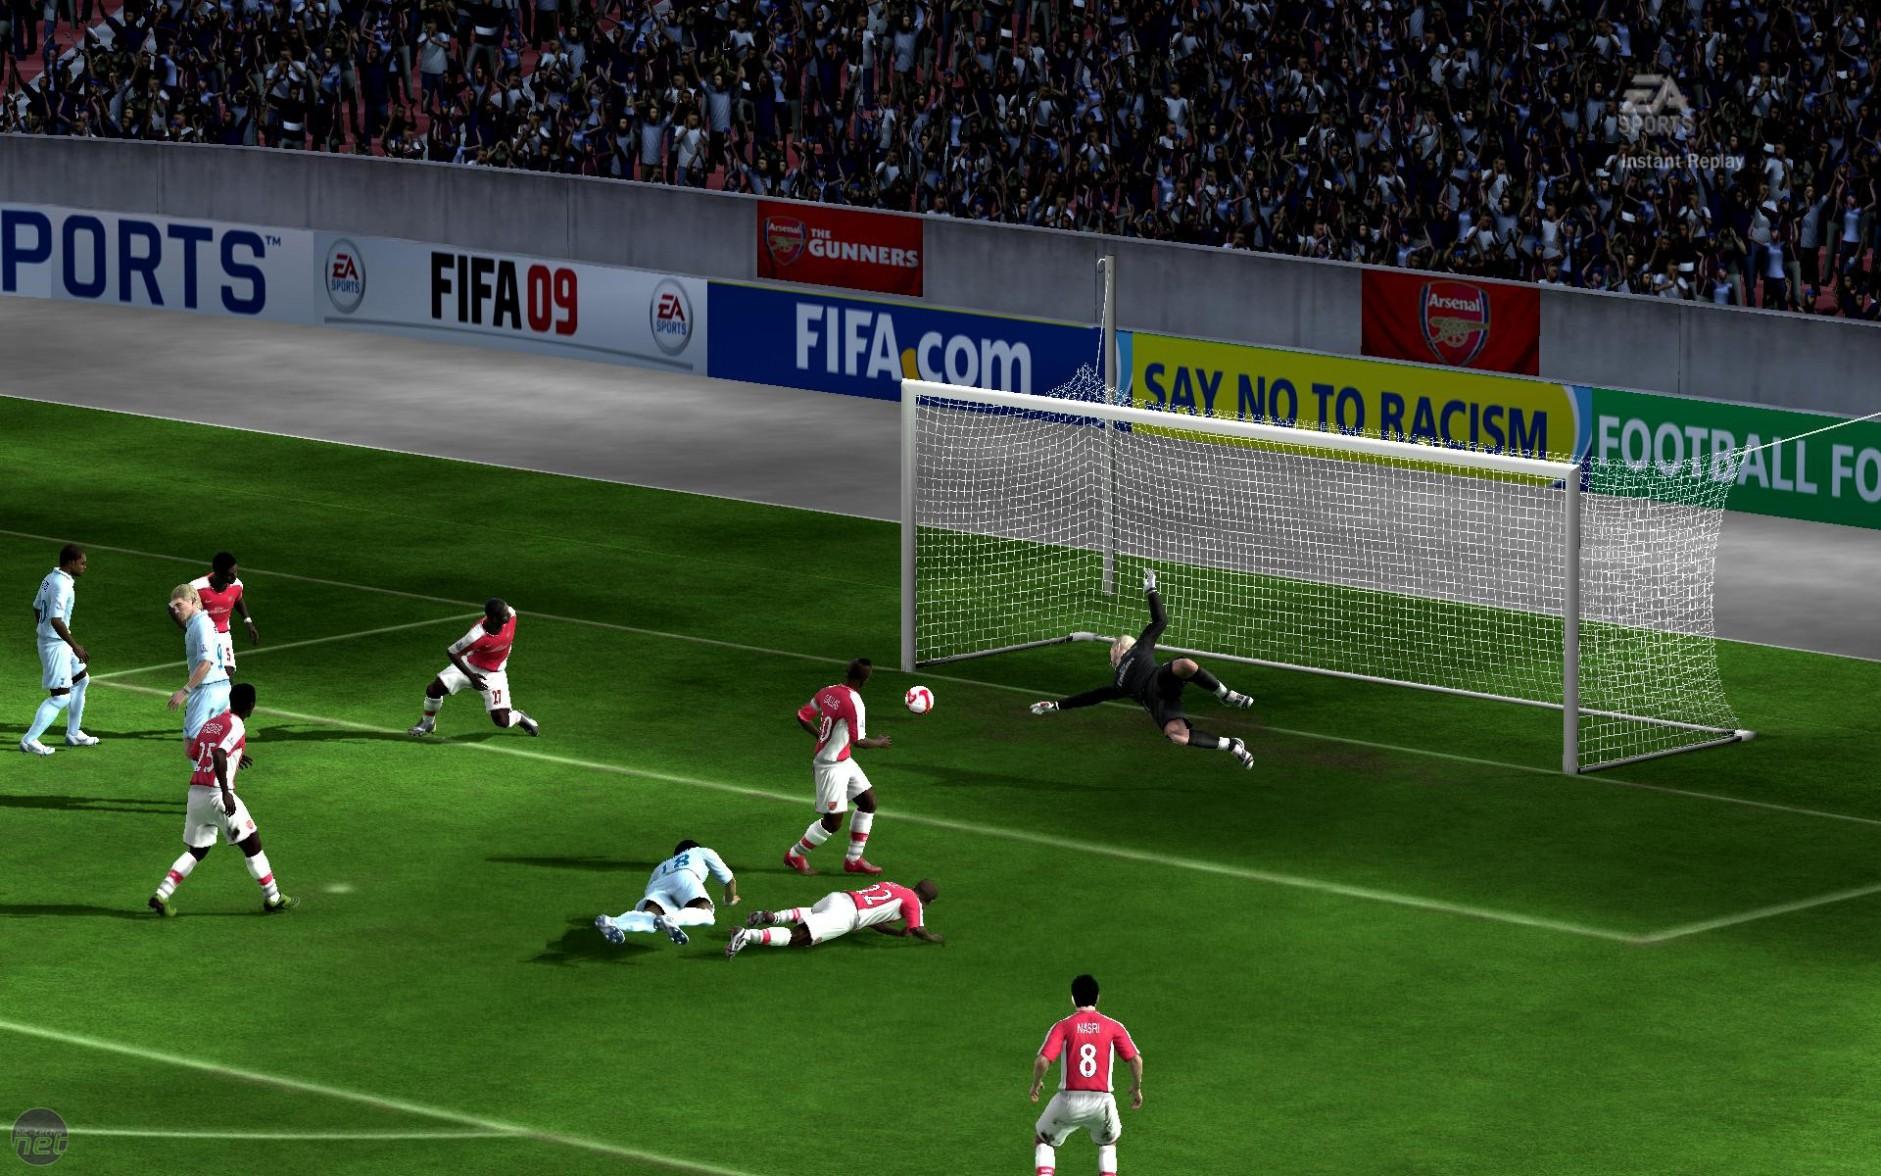 FIFA 09 Free Setup